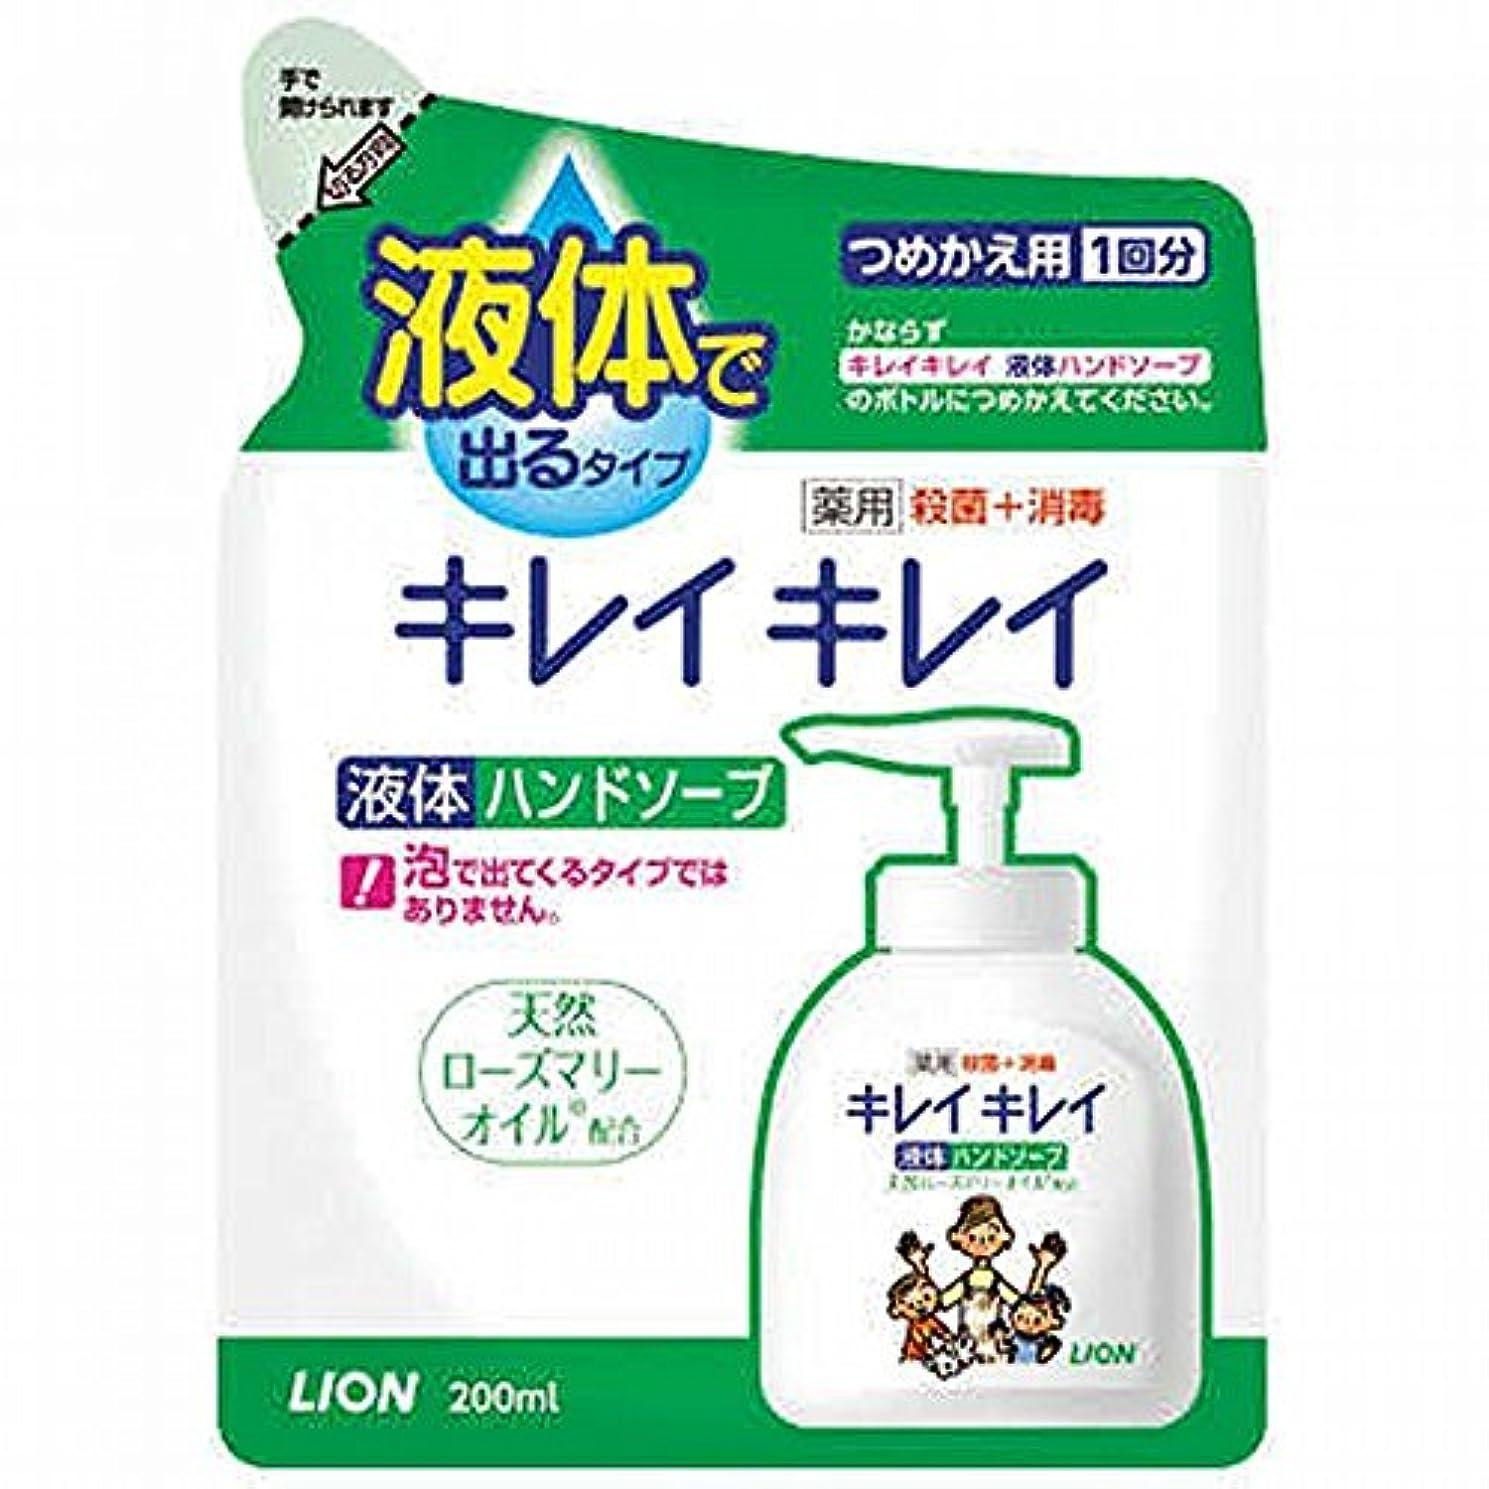 強化する旅行ライターキレイキレイ 薬用液体ハンドソープ  詰替用 200ml ×20個セット